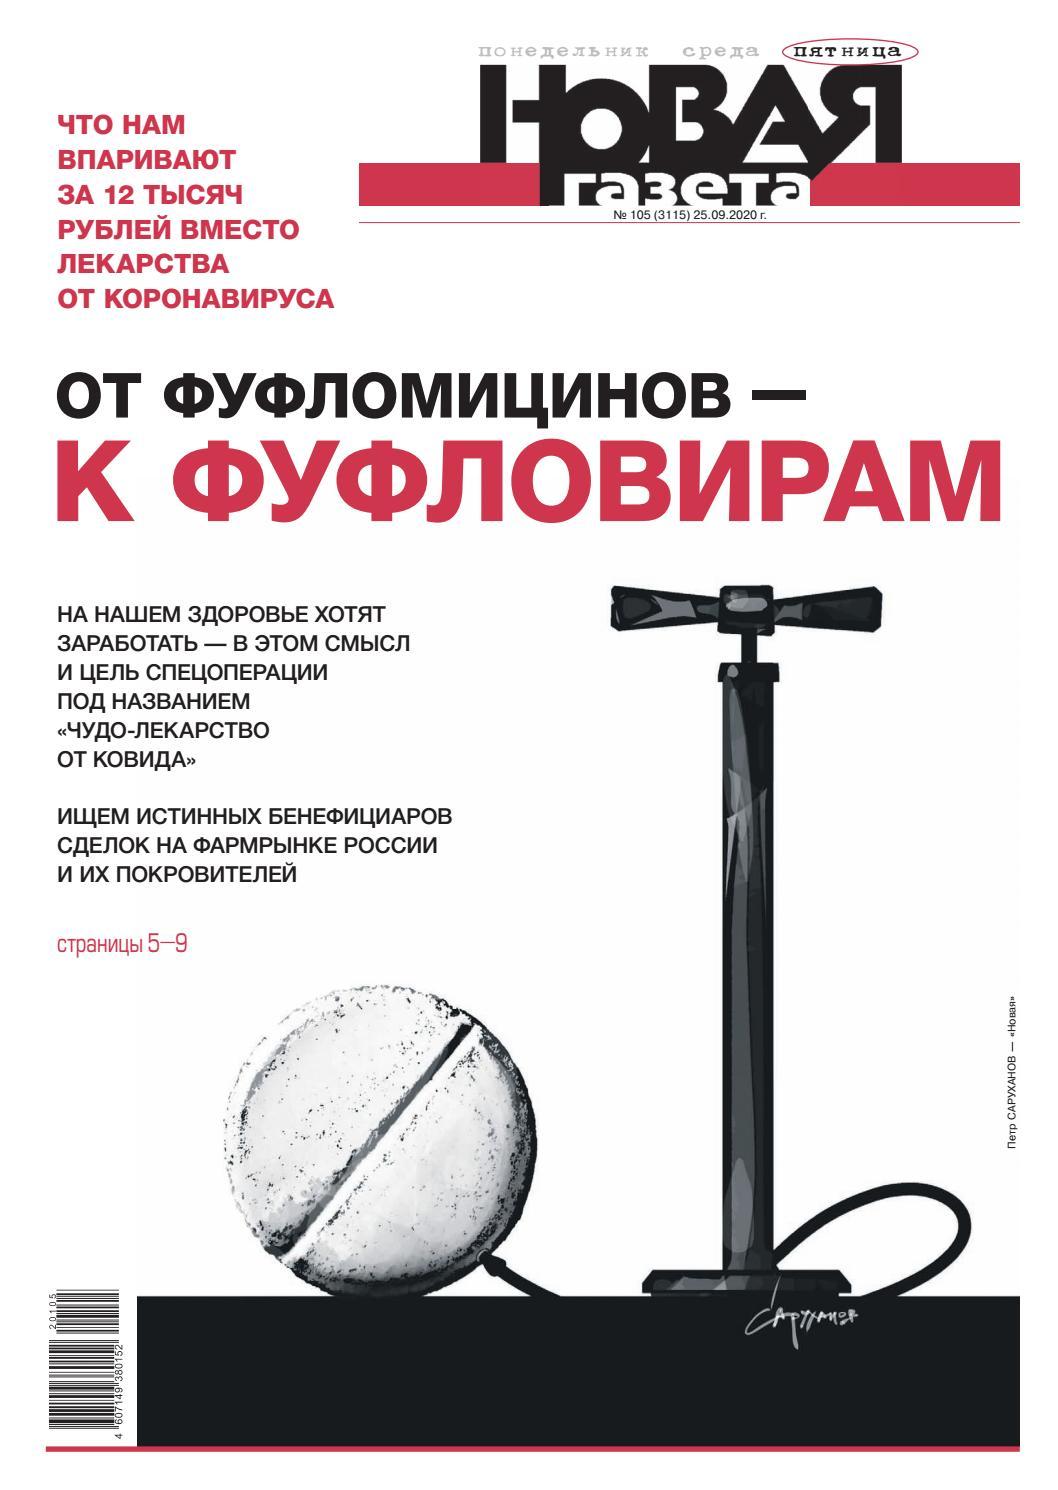 Новая газета №105, сентябрь 2020